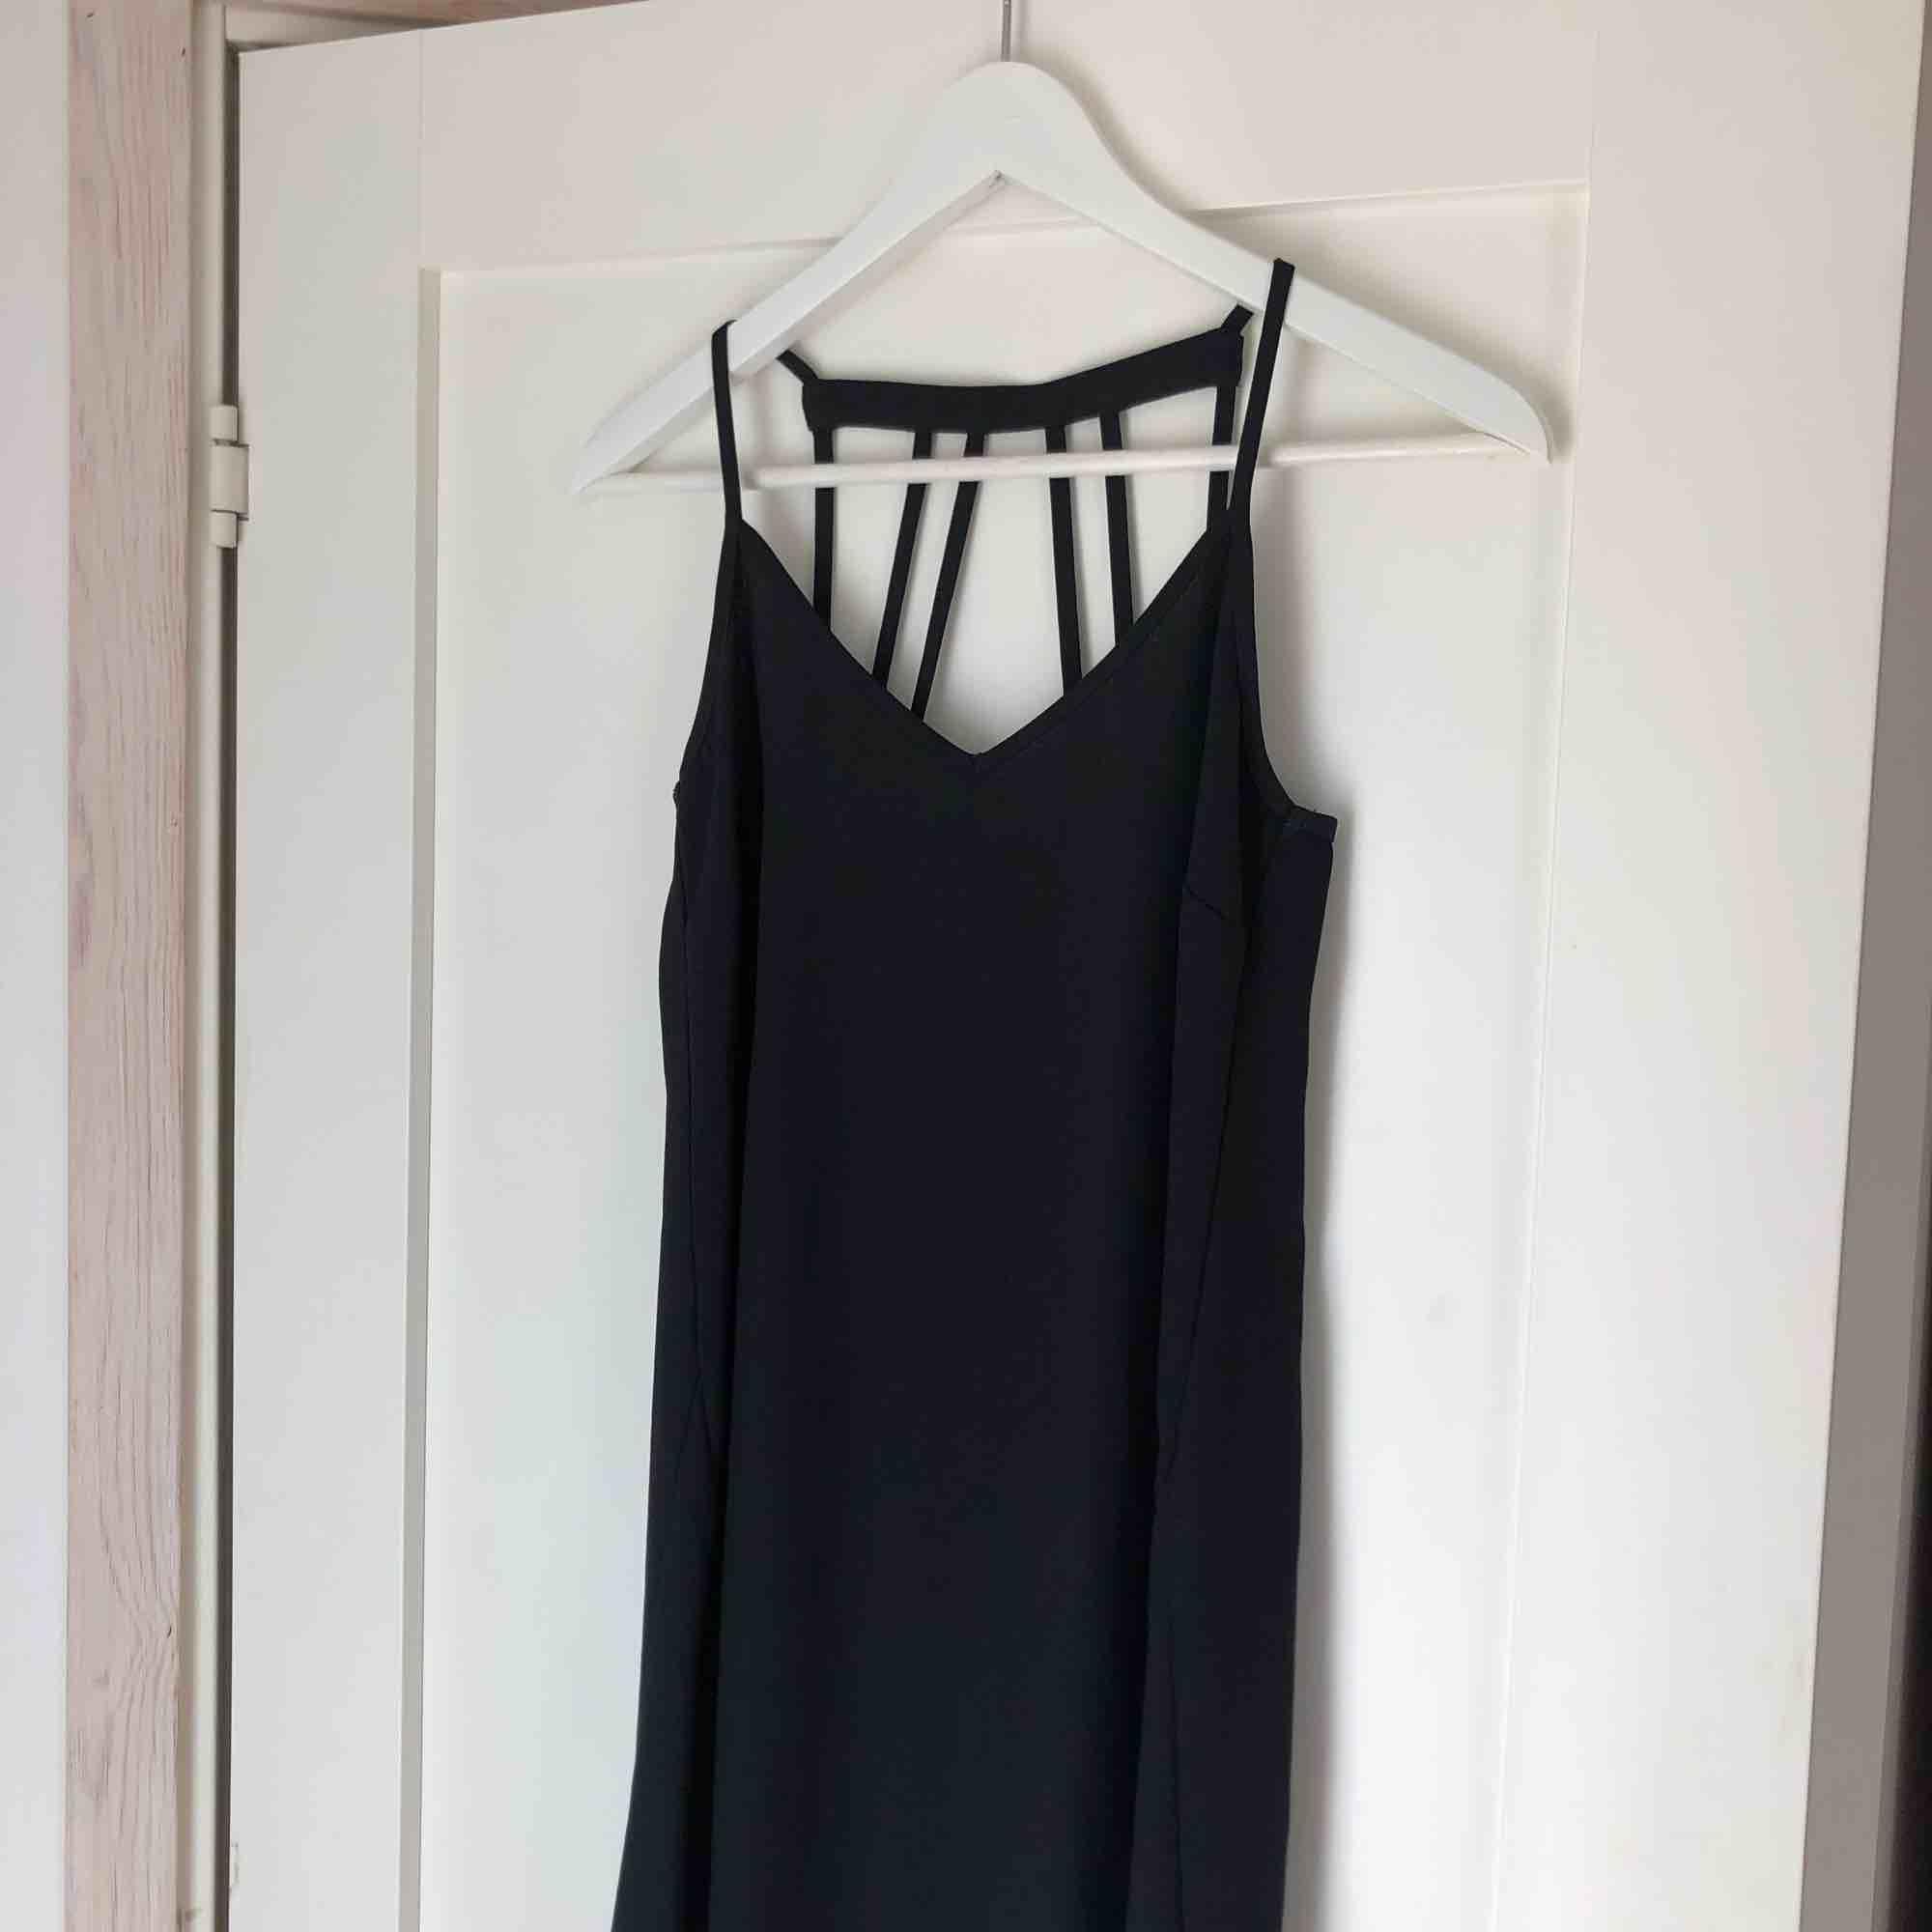 Supersnygg oanvänd klänning, kommer bli så fin till sommaren med lite smycken! 🌞 30 kr frakt. Klänningar.